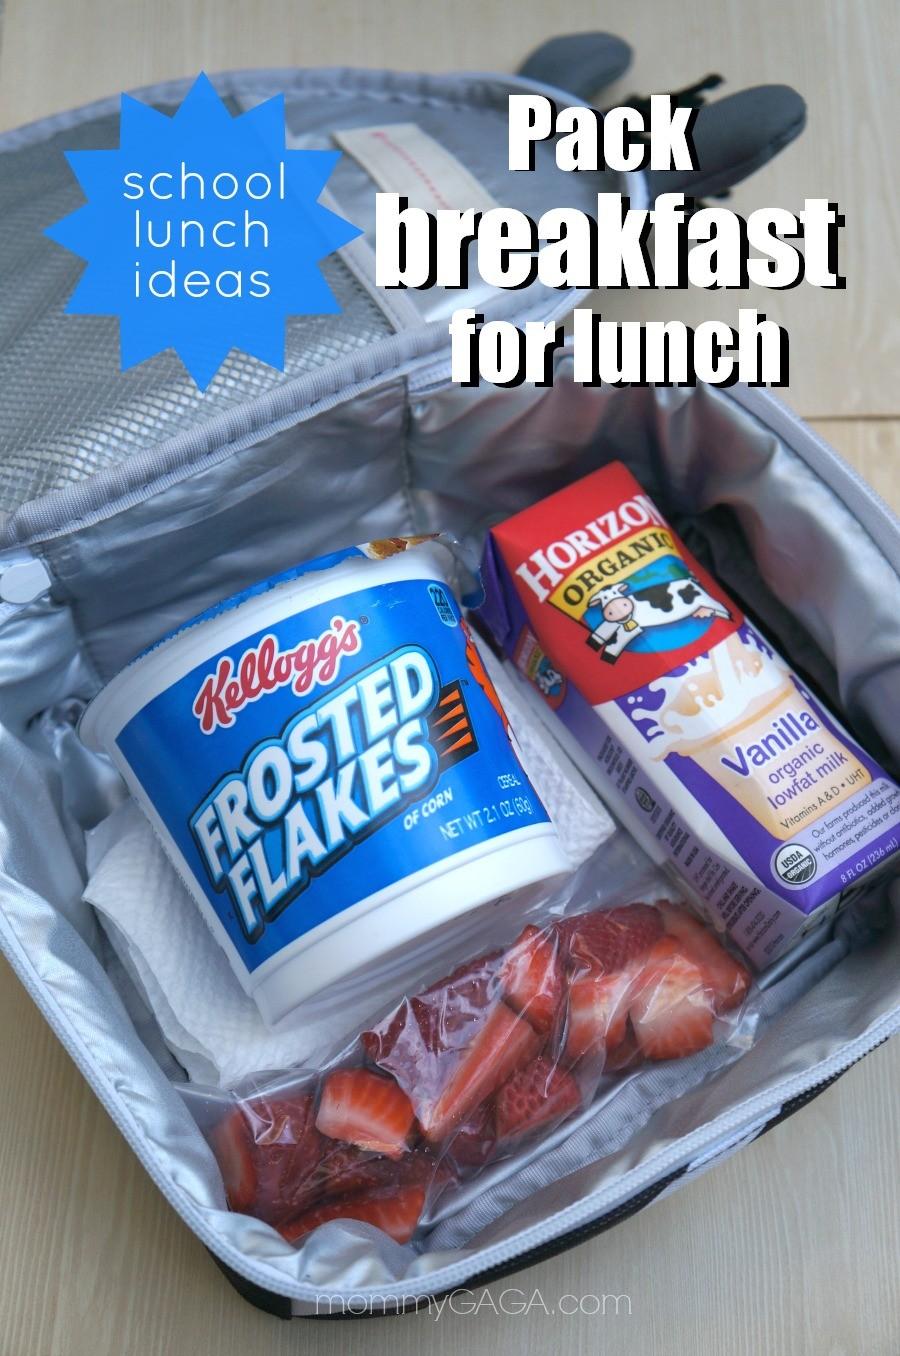 School lunch ideas, pack breakfast for lunch!